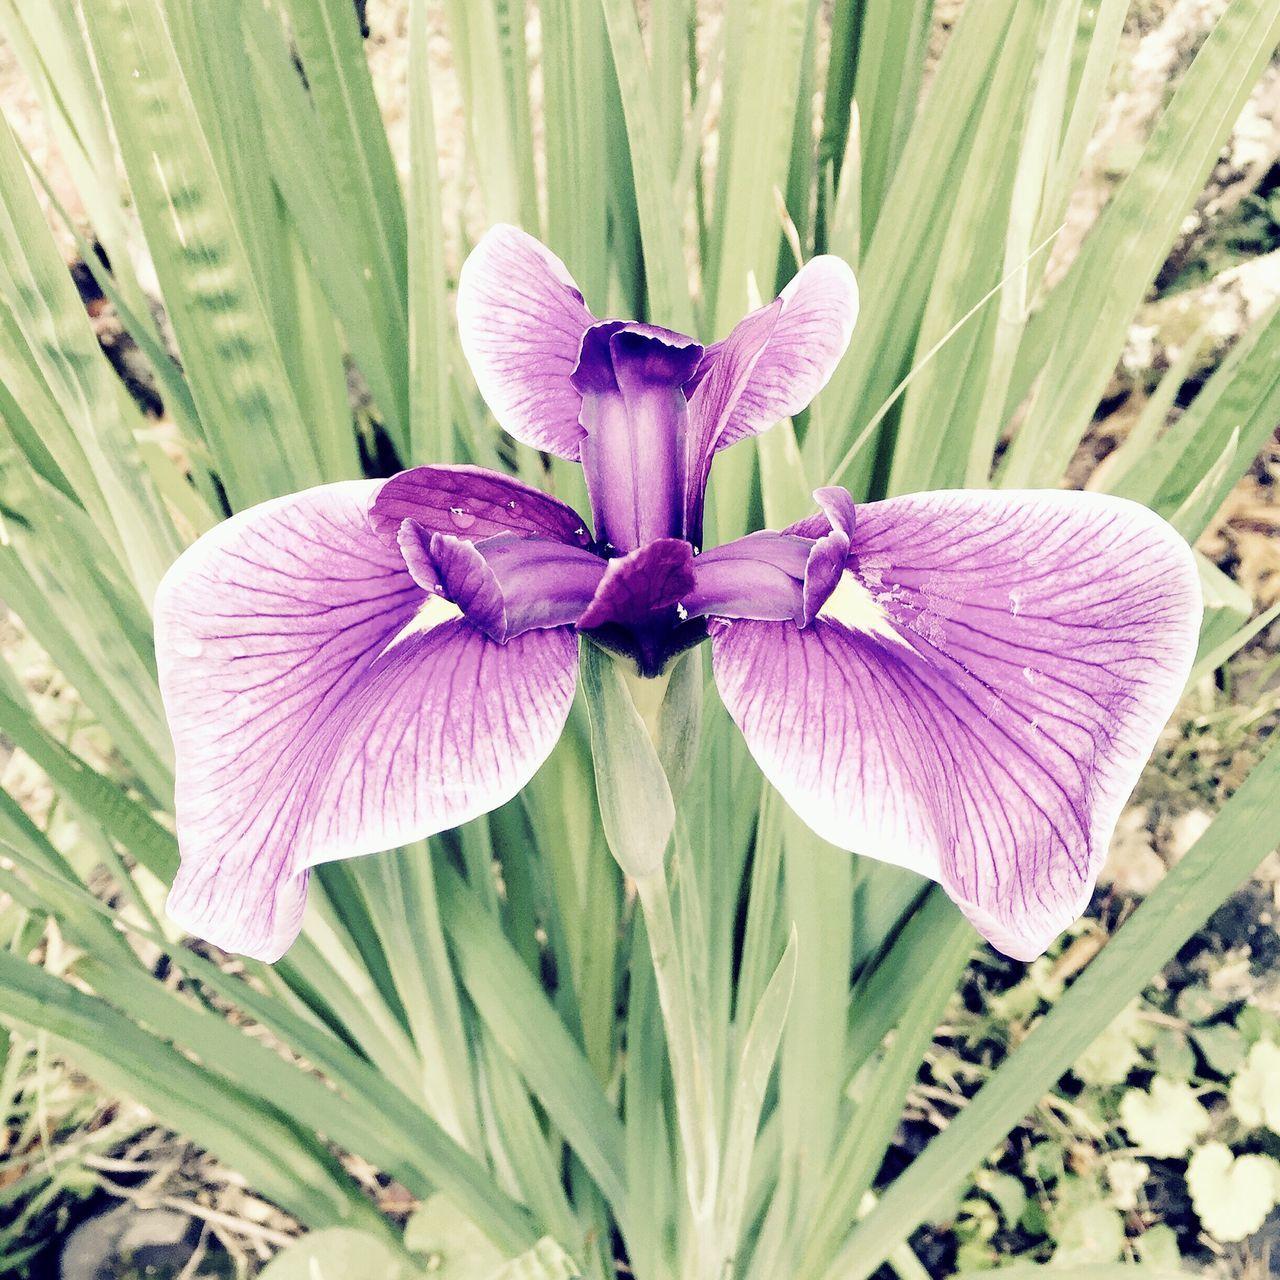 あやめ 花 自然 里山 田舎暮らし Nature IPhoneography Countryside Japan Flower Blossom